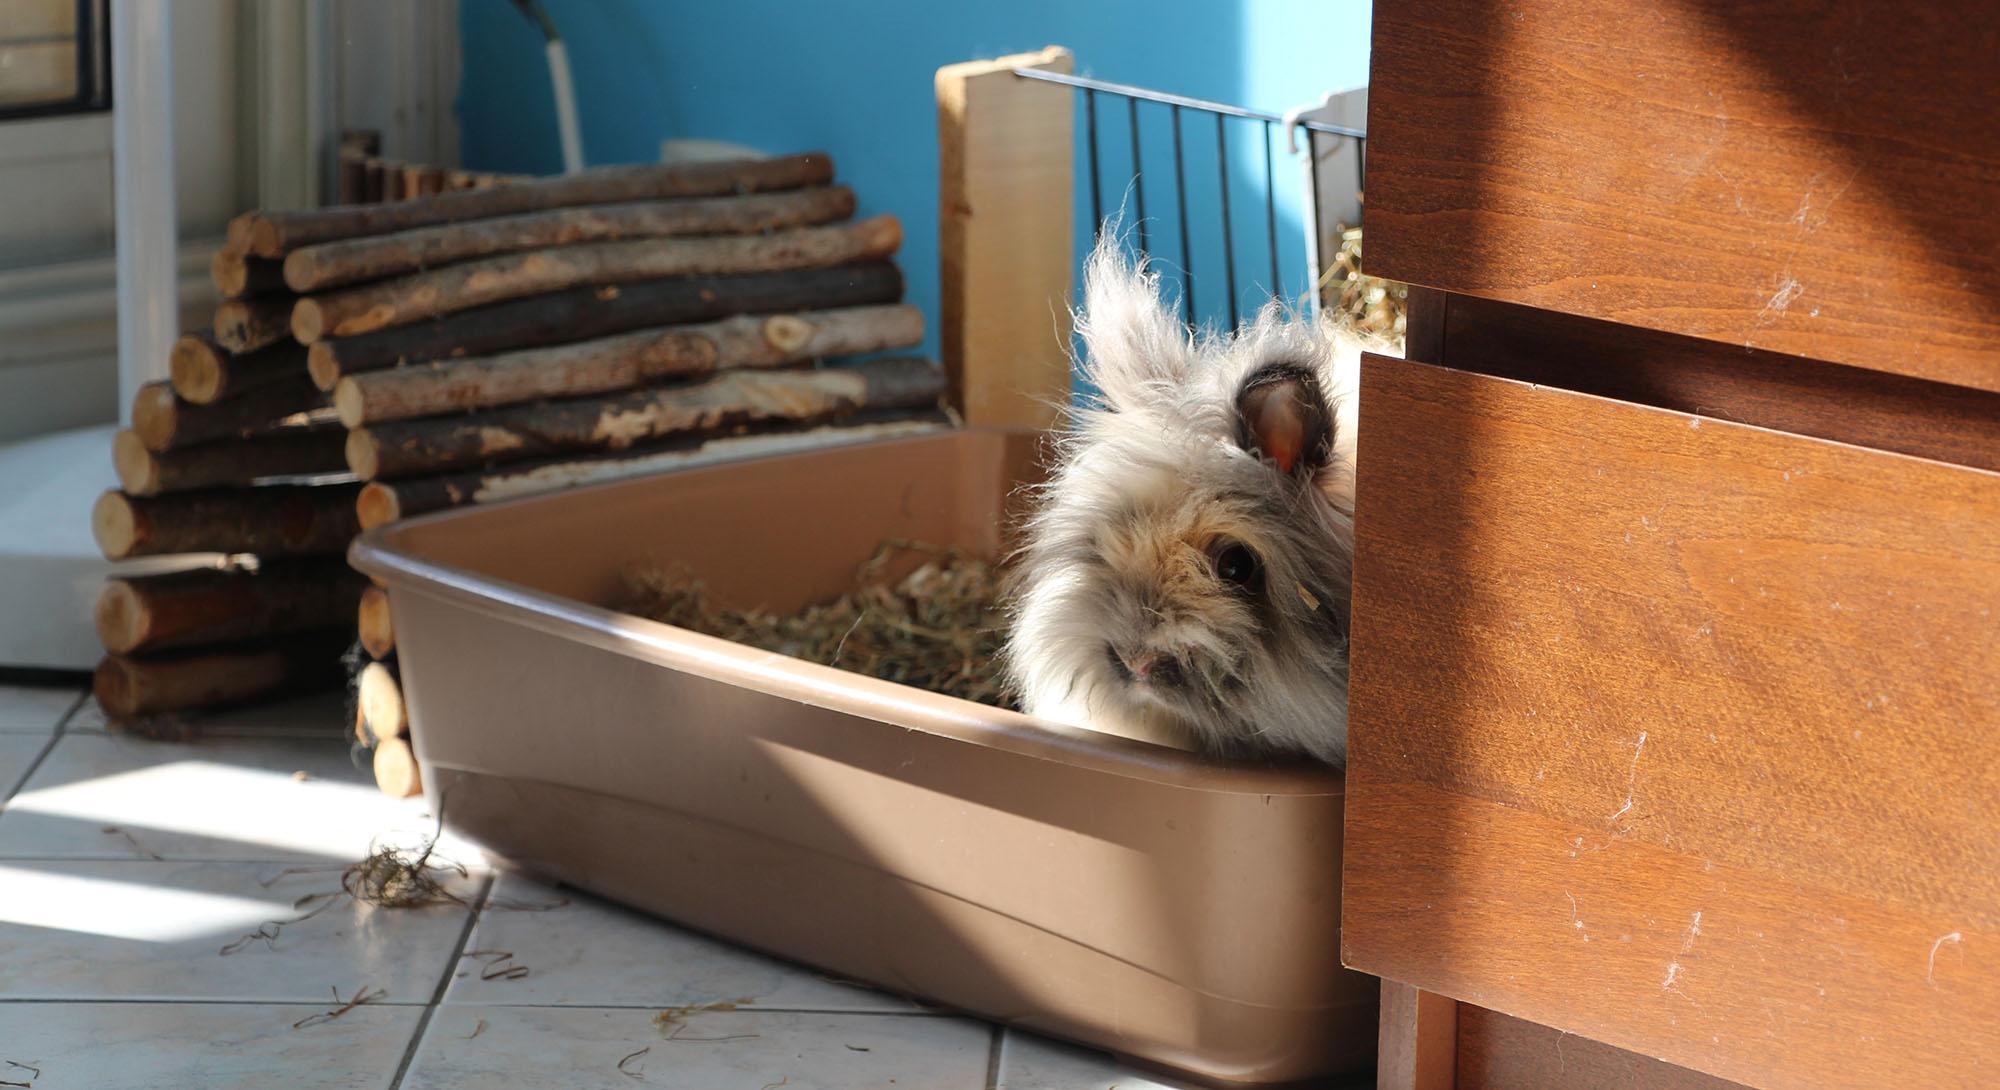 eduquer son lapin tre propre les petits lapins. Black Bedroom Furniture Sets. Home Design Ideas